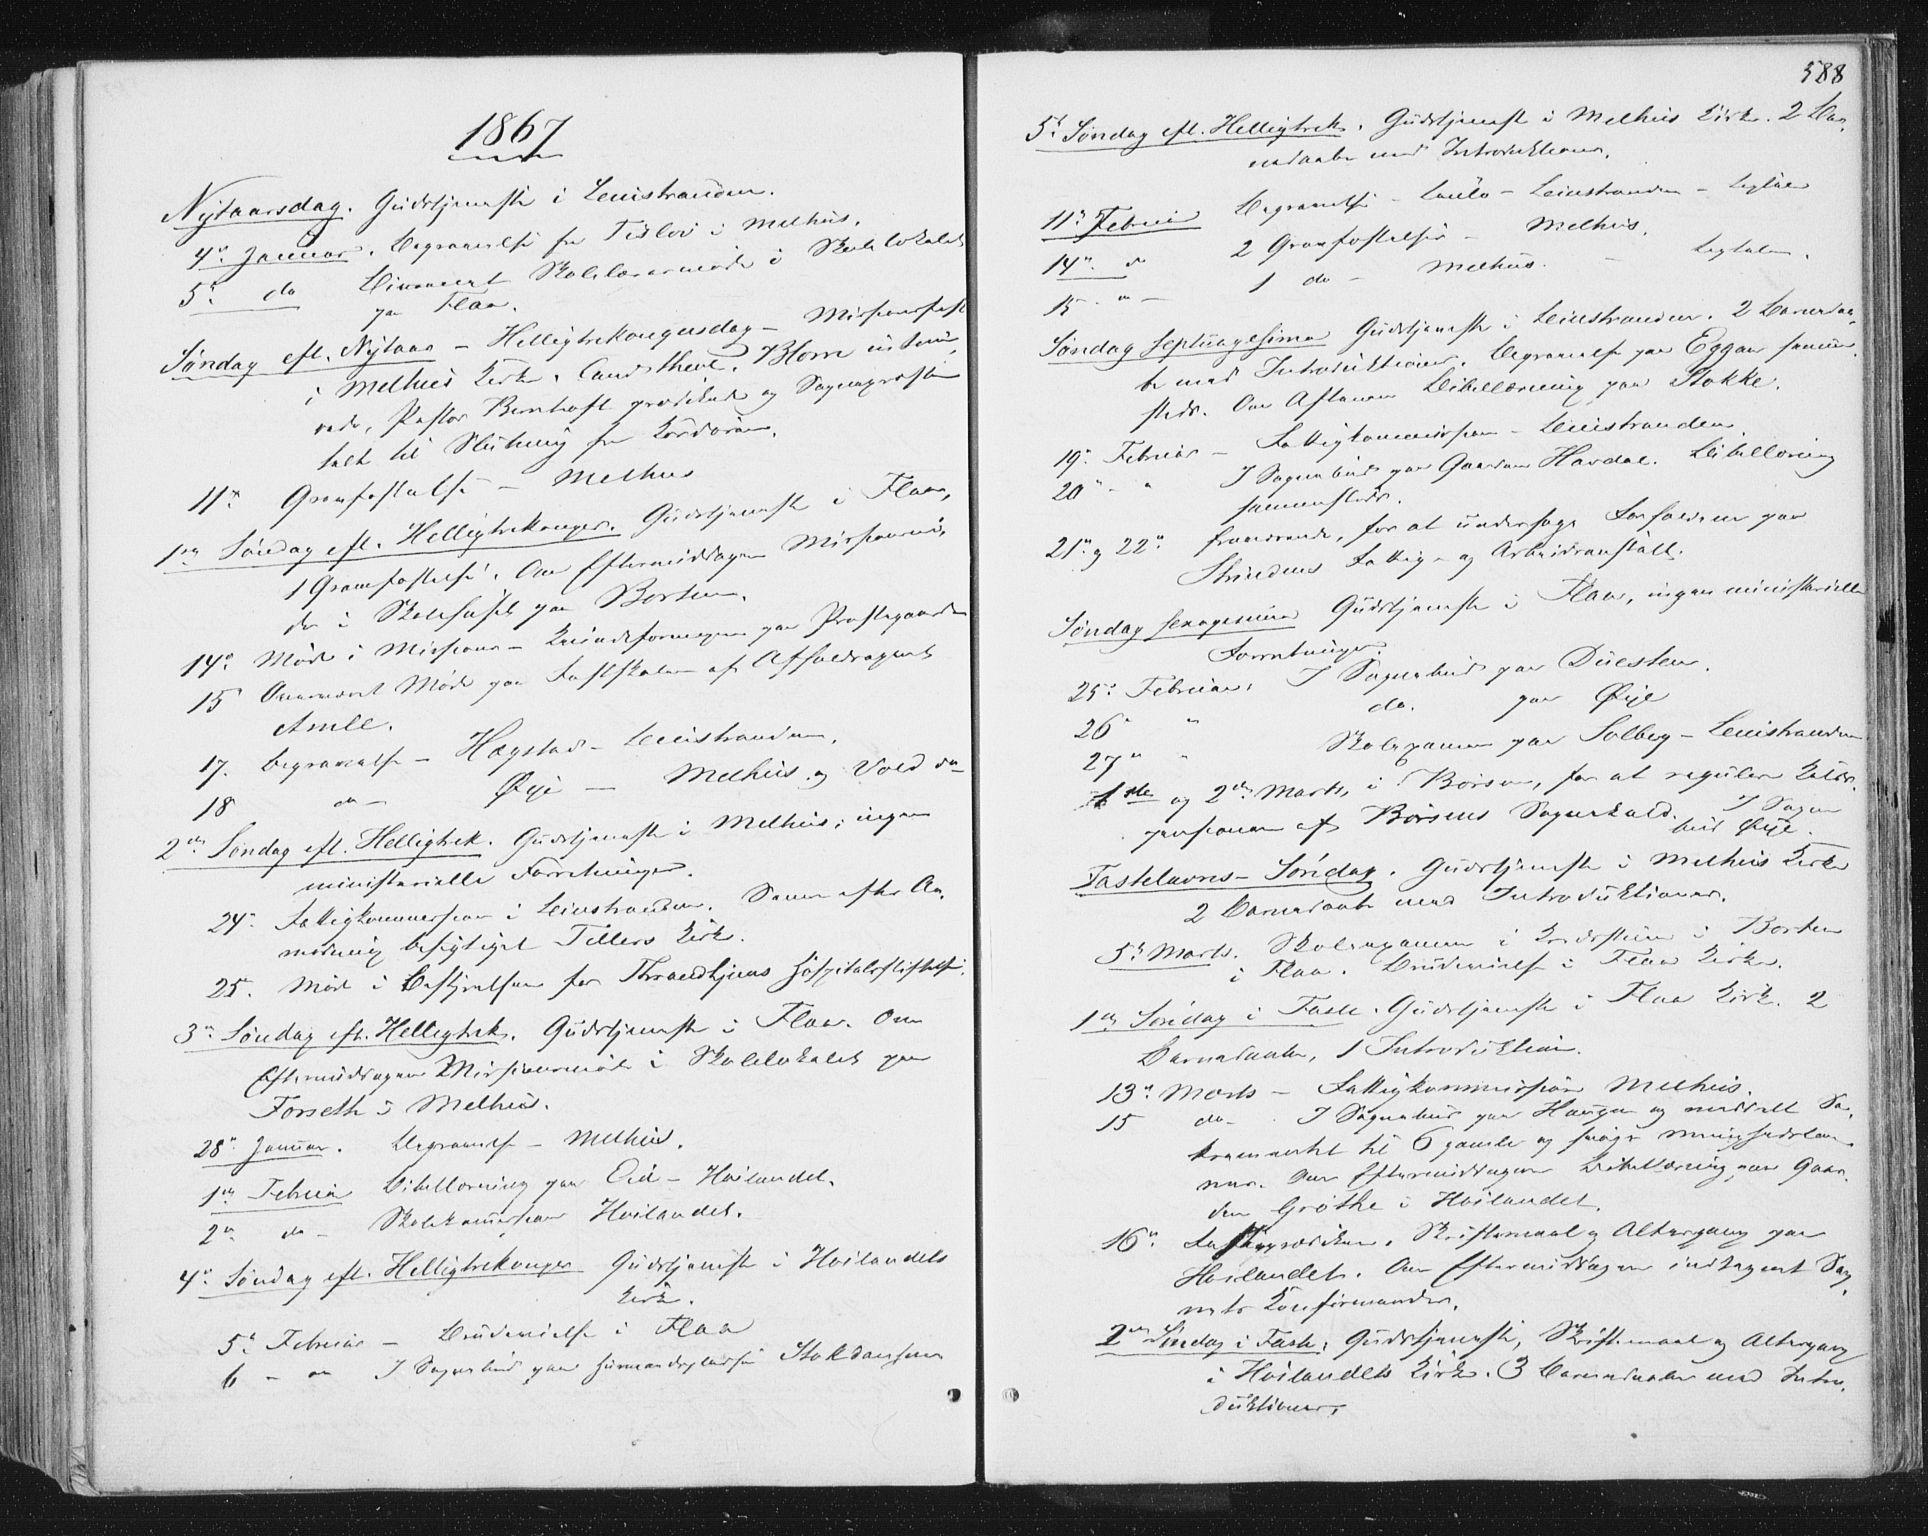 SAT, Ministerialprotokoller, klokkerbøker og fødselsregistre - Sør-Trøndelag, 691/L1077: Ministerialbok nr. 691A09, 1862-1873, s. 588